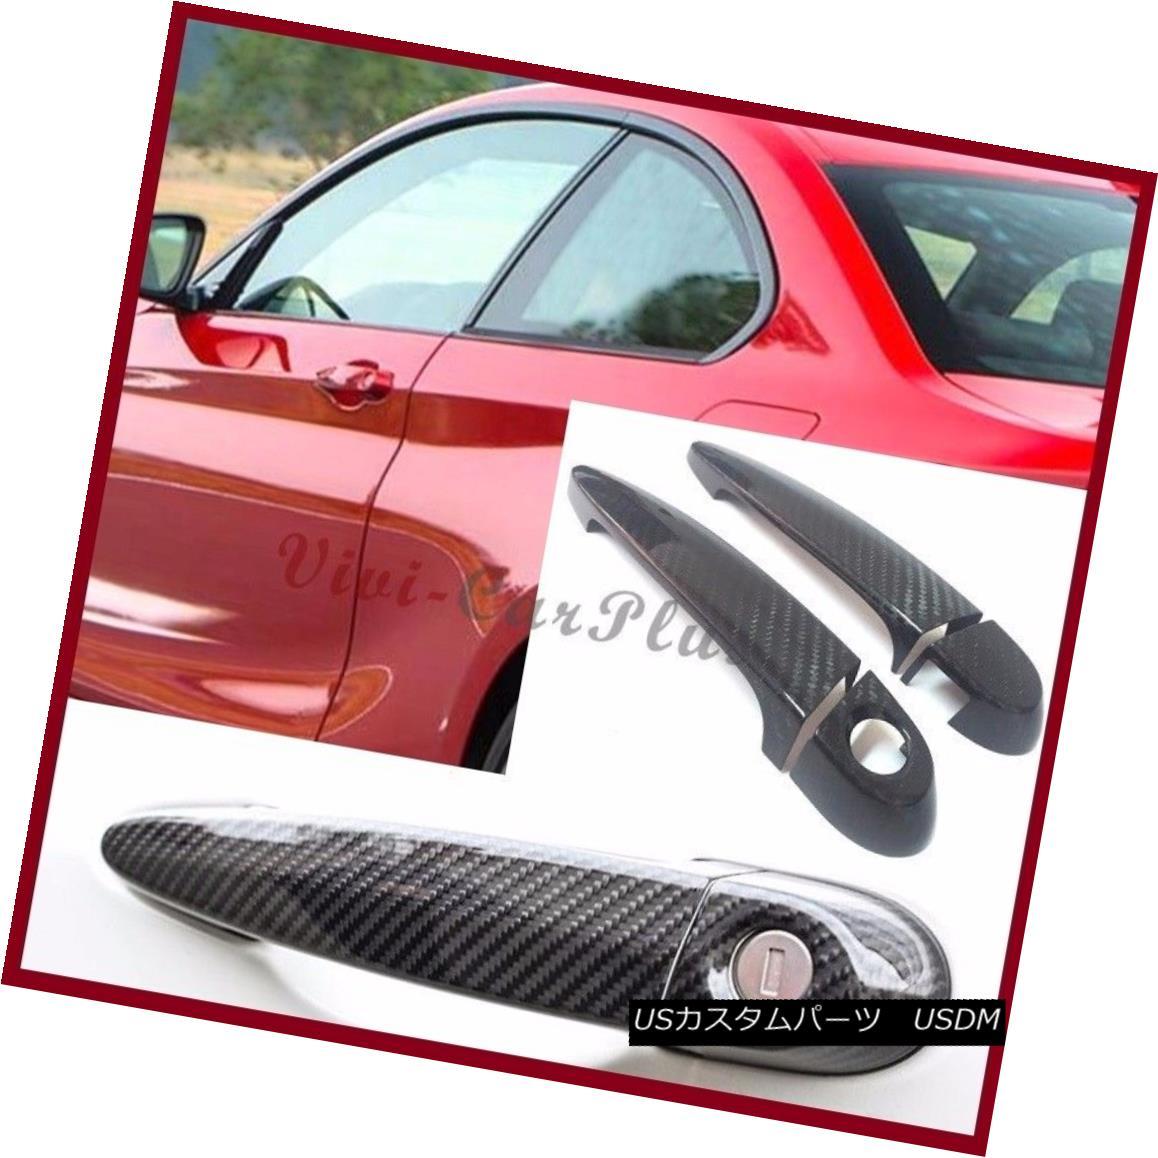 車用品 バイク用品 >> パーツ 外装 エアロパーツ その他 For BMW 2014 男女兼用 UP F22 最安値 F23 220i Fiber 2DRカーボンファイバードアハンドルカバー 2DR 228i Carbon Cover M235i 235i Handle Door